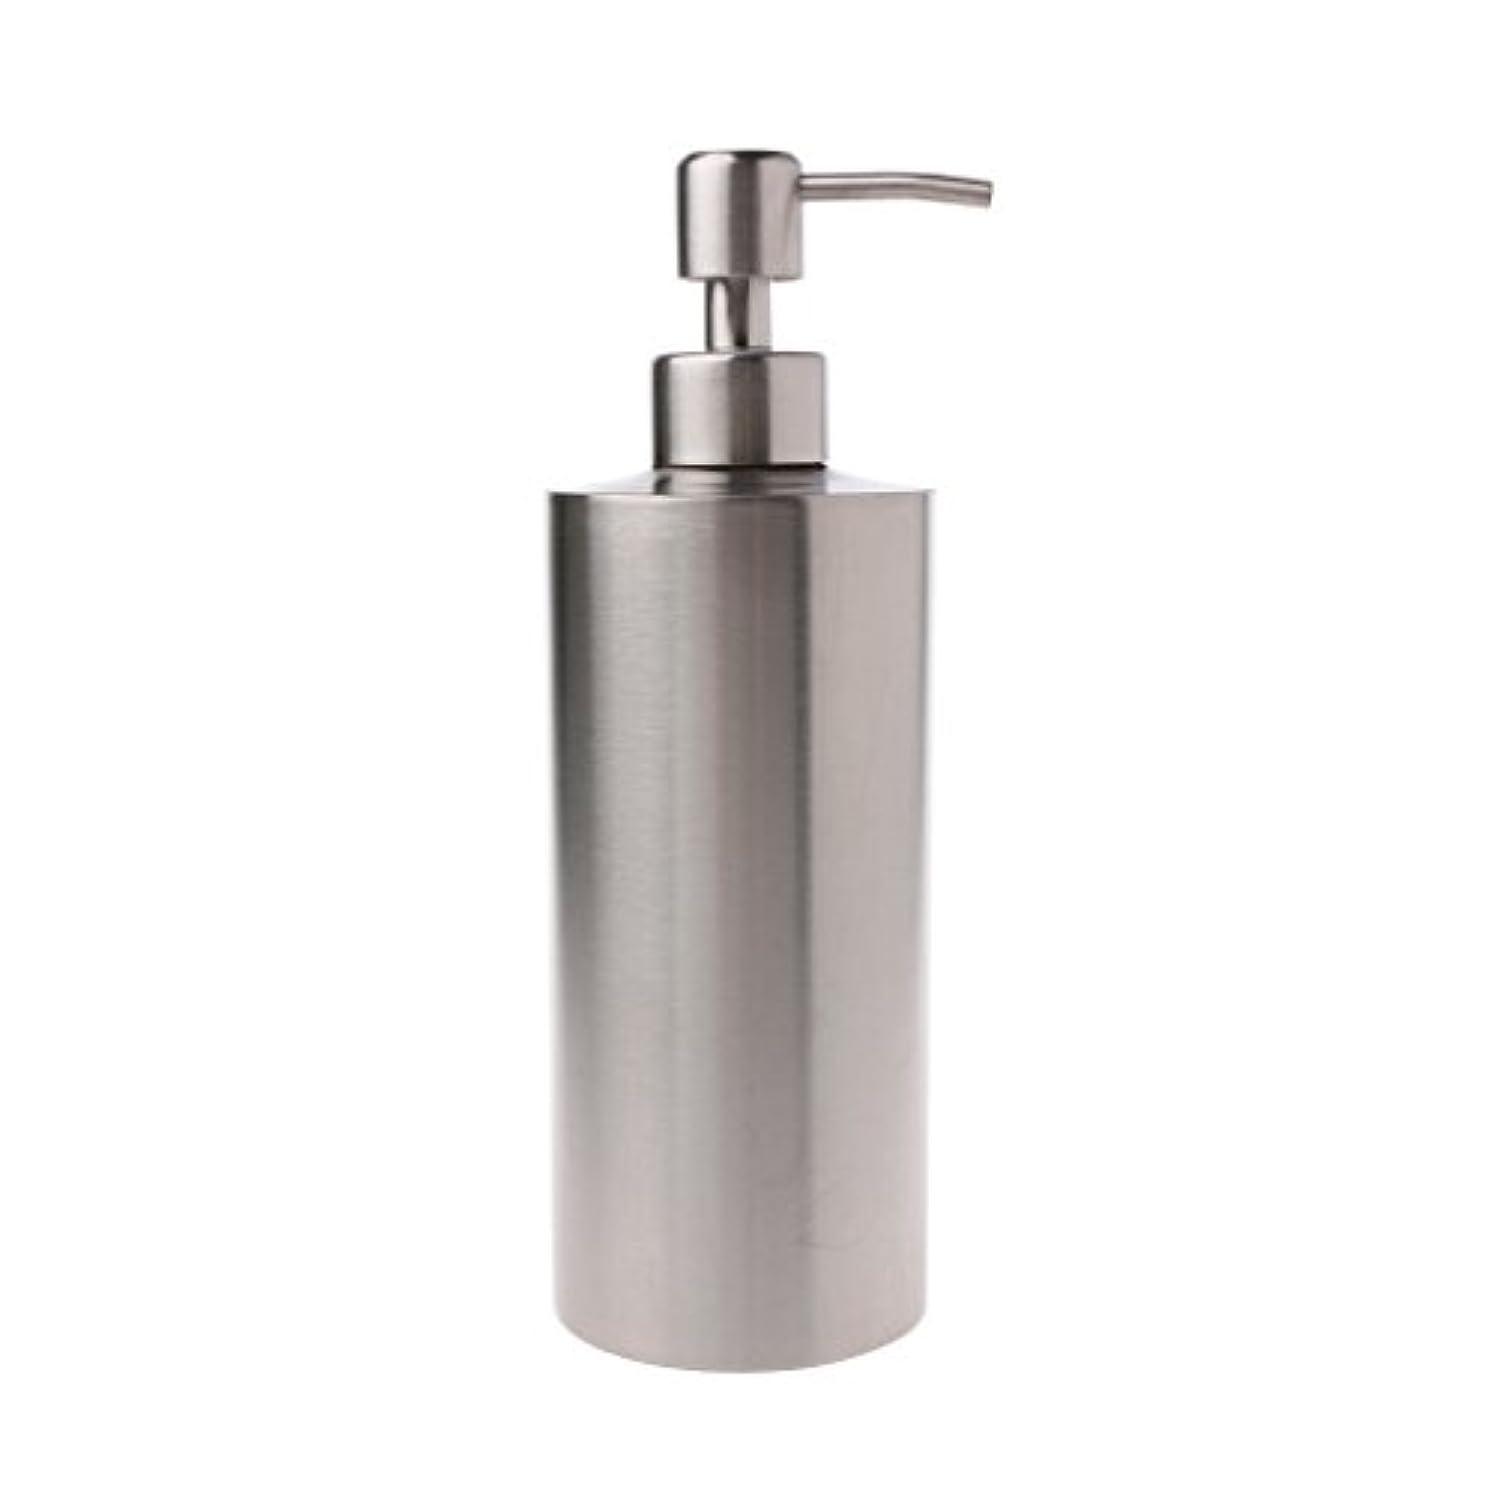 割る六月関数Lamdoo 304ステンレス鋼ポンプ液体石鹸ローションディスペンサーボトルキッチンバスルーム